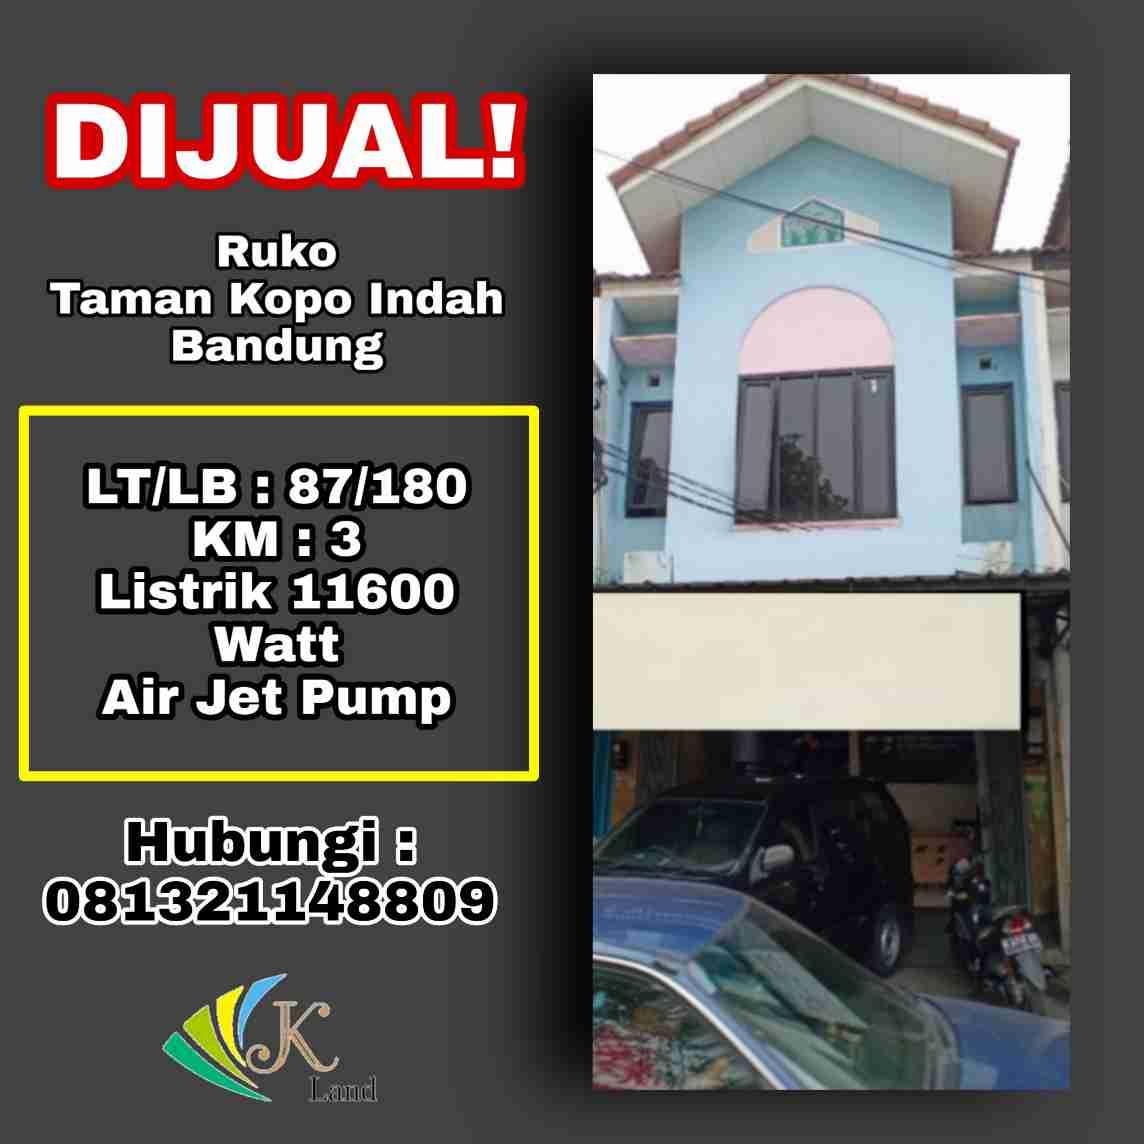 Ruko Taman Kopo Indah 3 Bandung